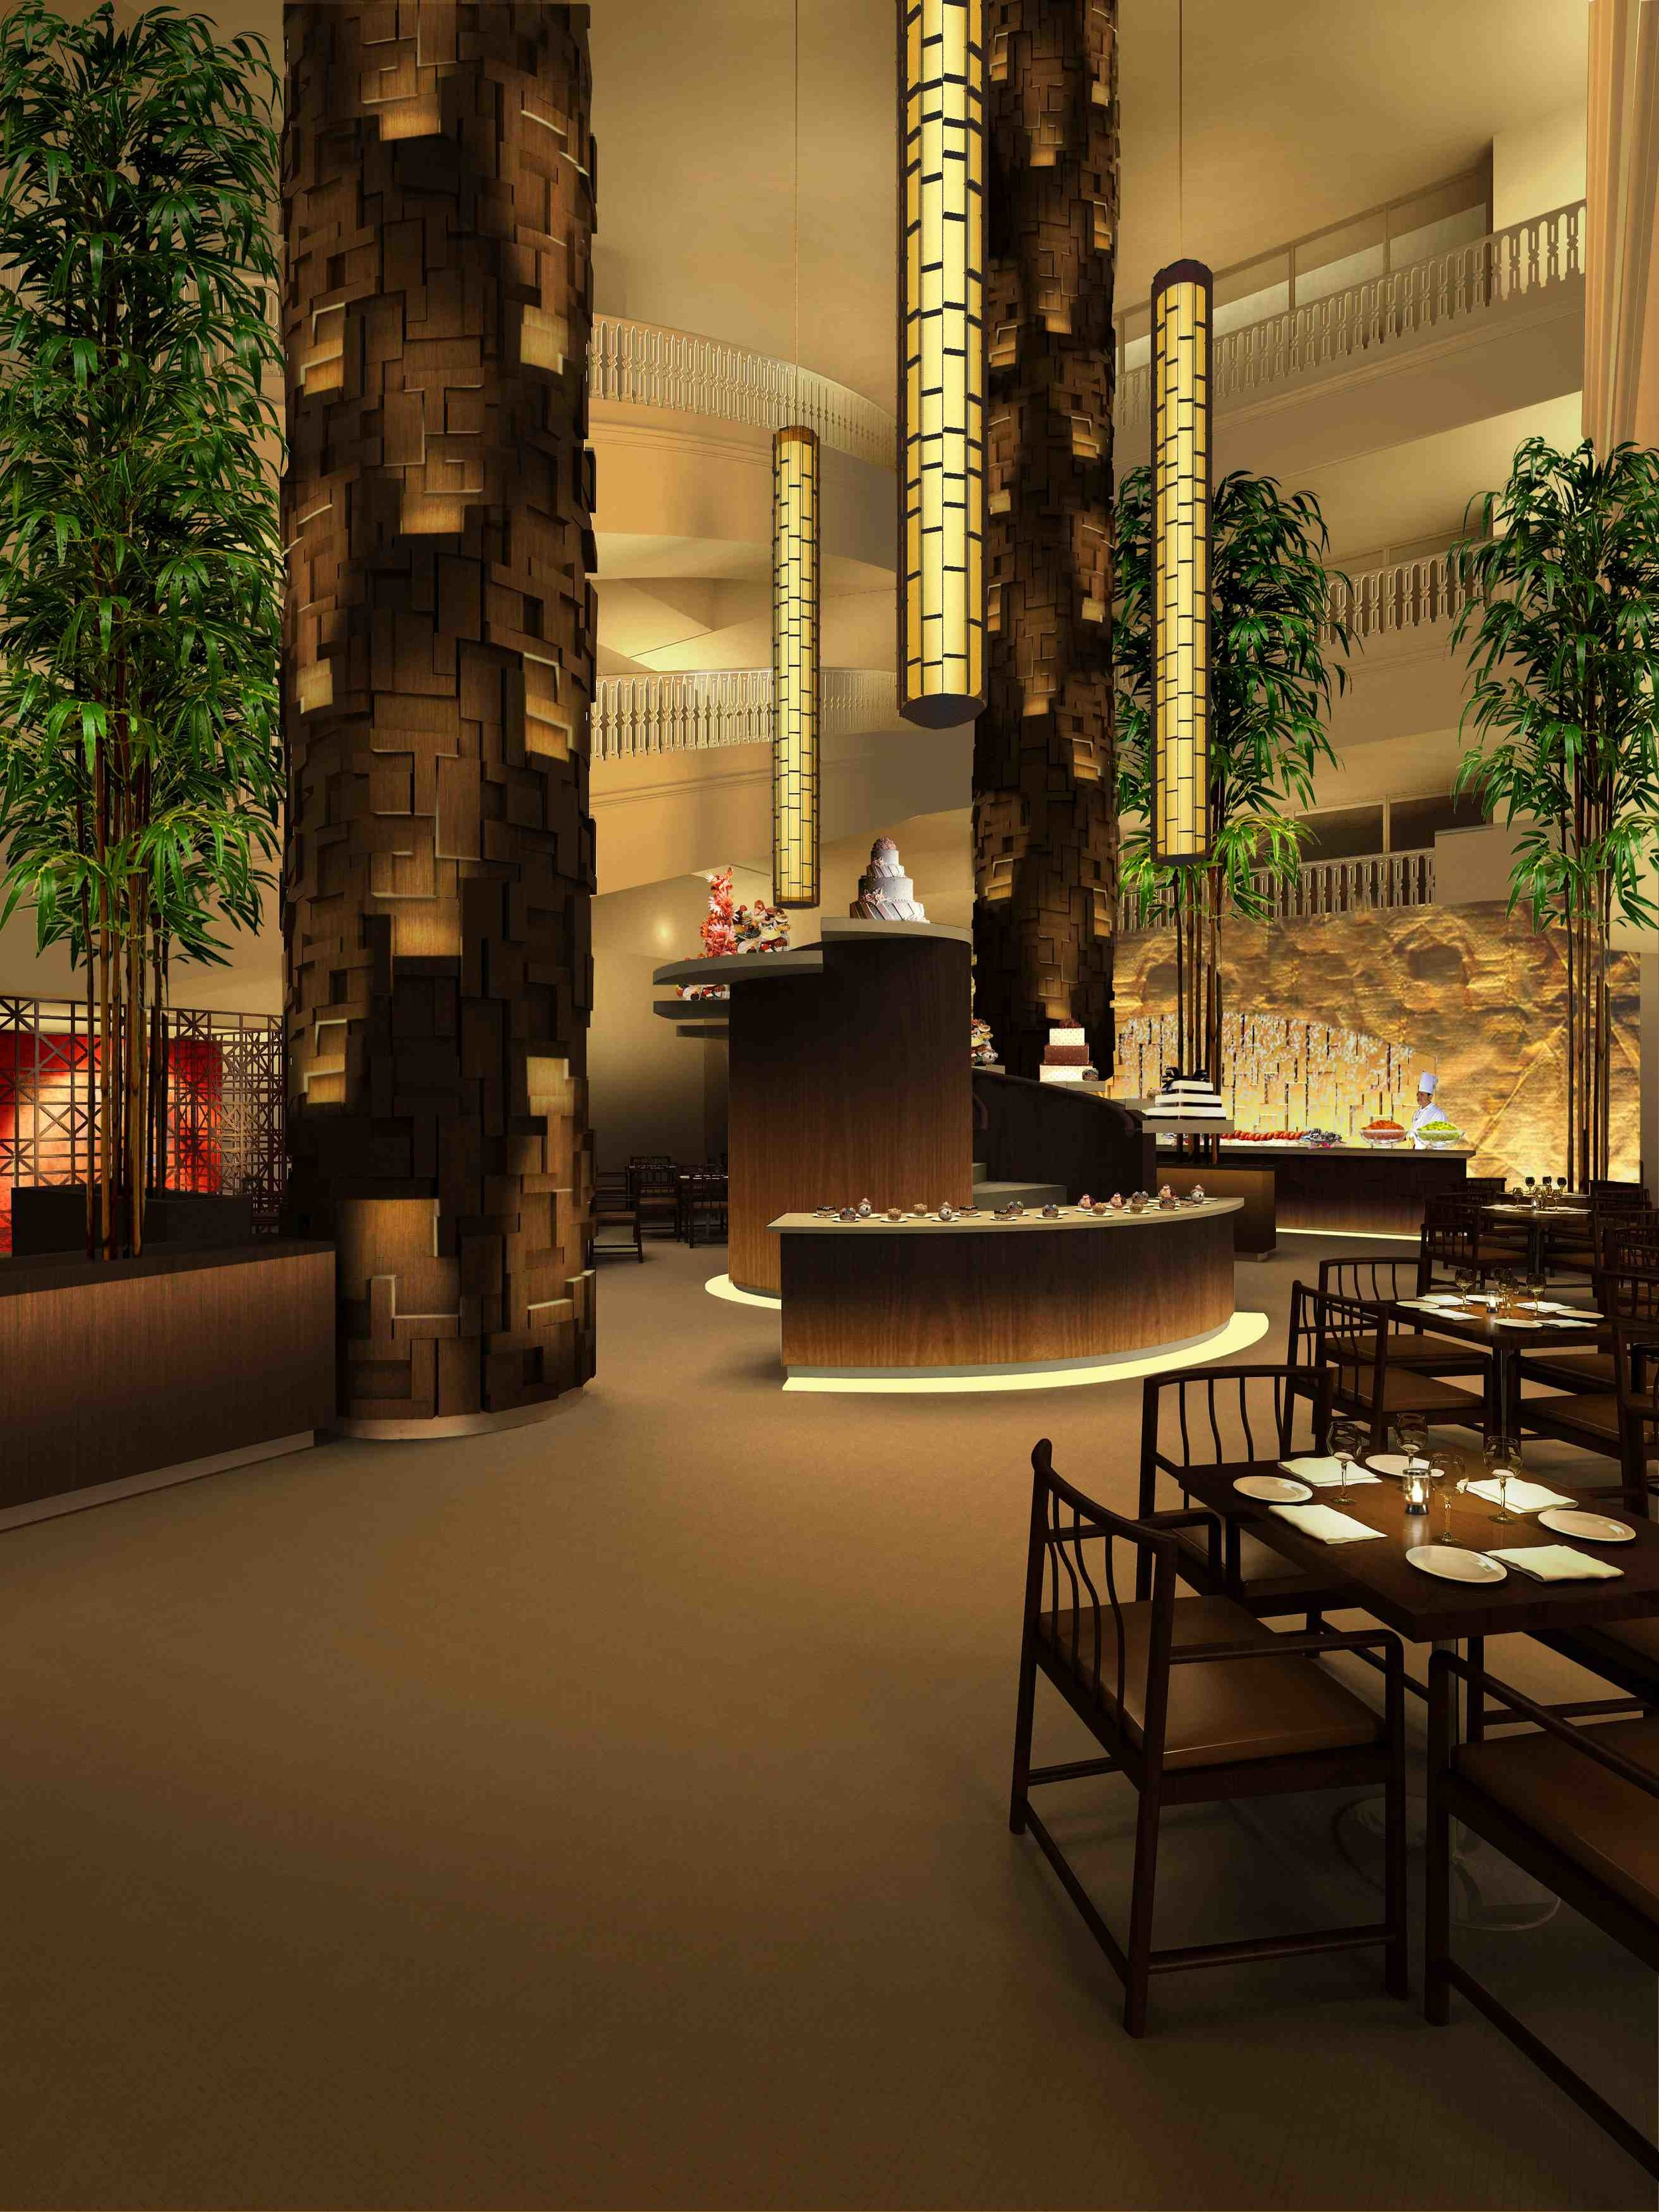 imperial Restaurant Atrium.jpg